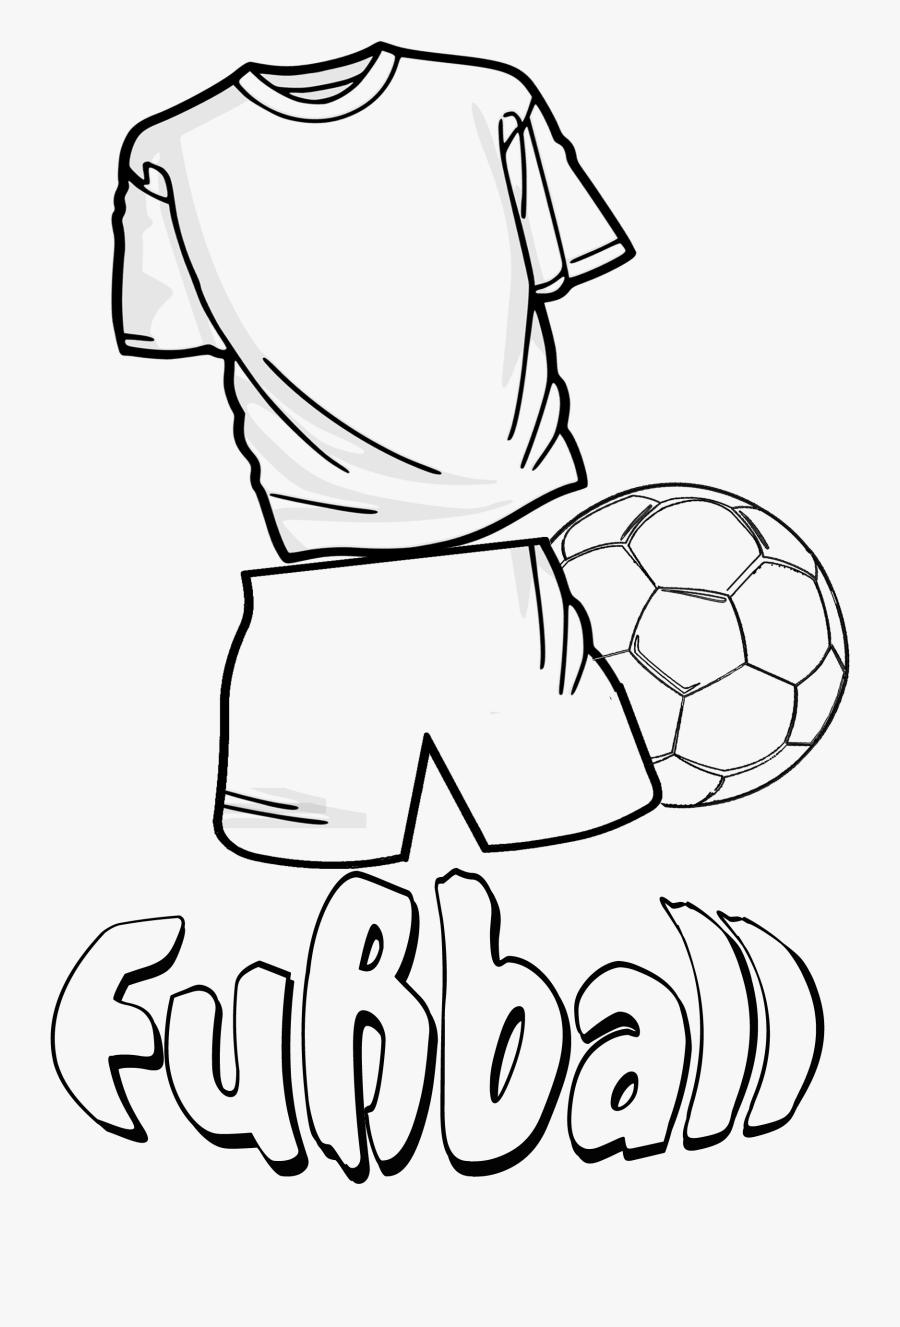 Fussball Vorlage Fussball Muster Zum Ausdrucken Kribbelbunt 9